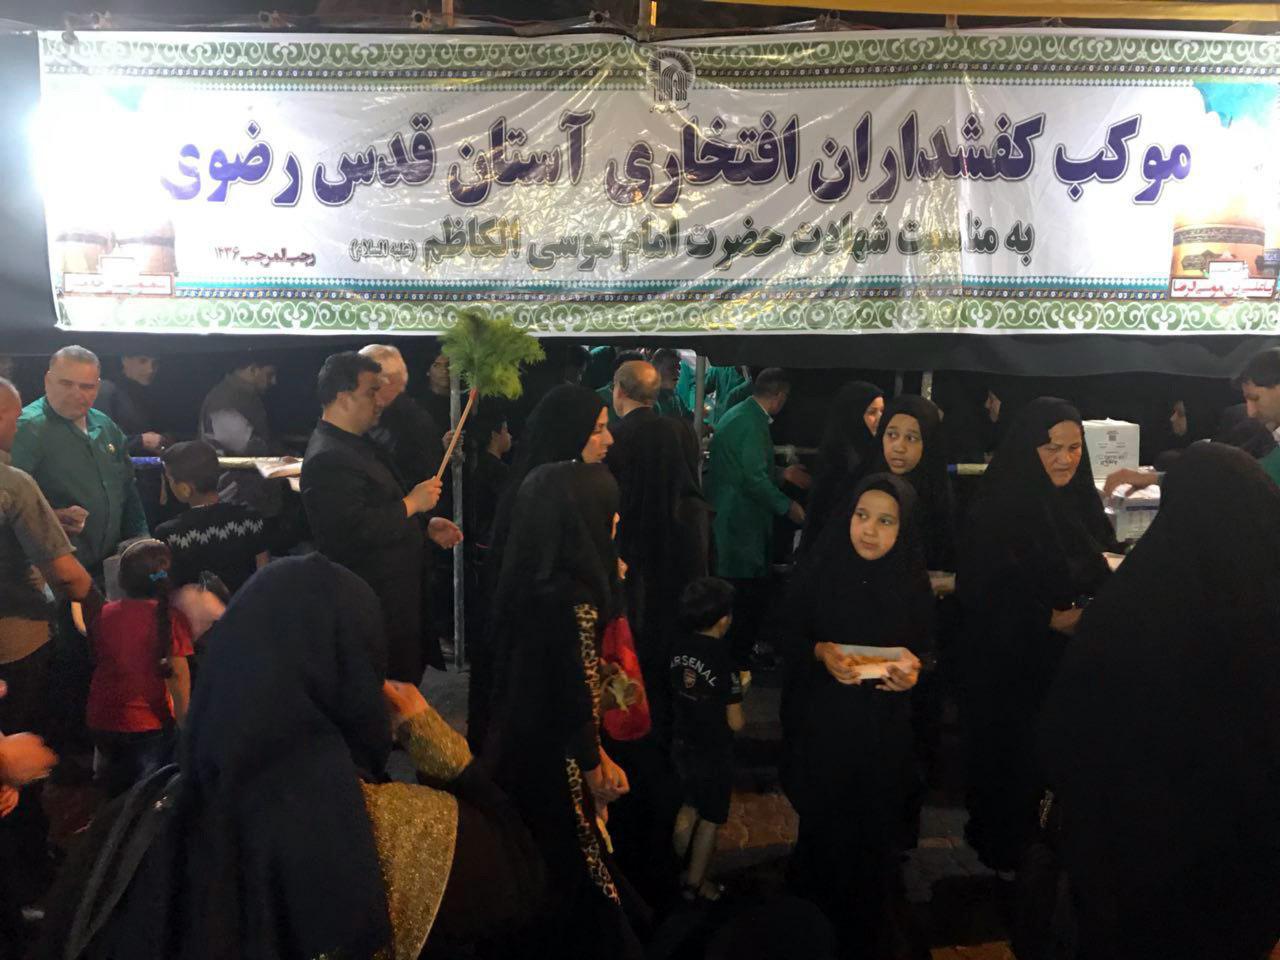 تصویر بازگشایی خیابان های مرکز شهر مقدس کربلا پذیرایی کفشداران افتخاری آستان مقدس رضوی با هزینه های شخصی از زائران امام کاظم علیه السلام